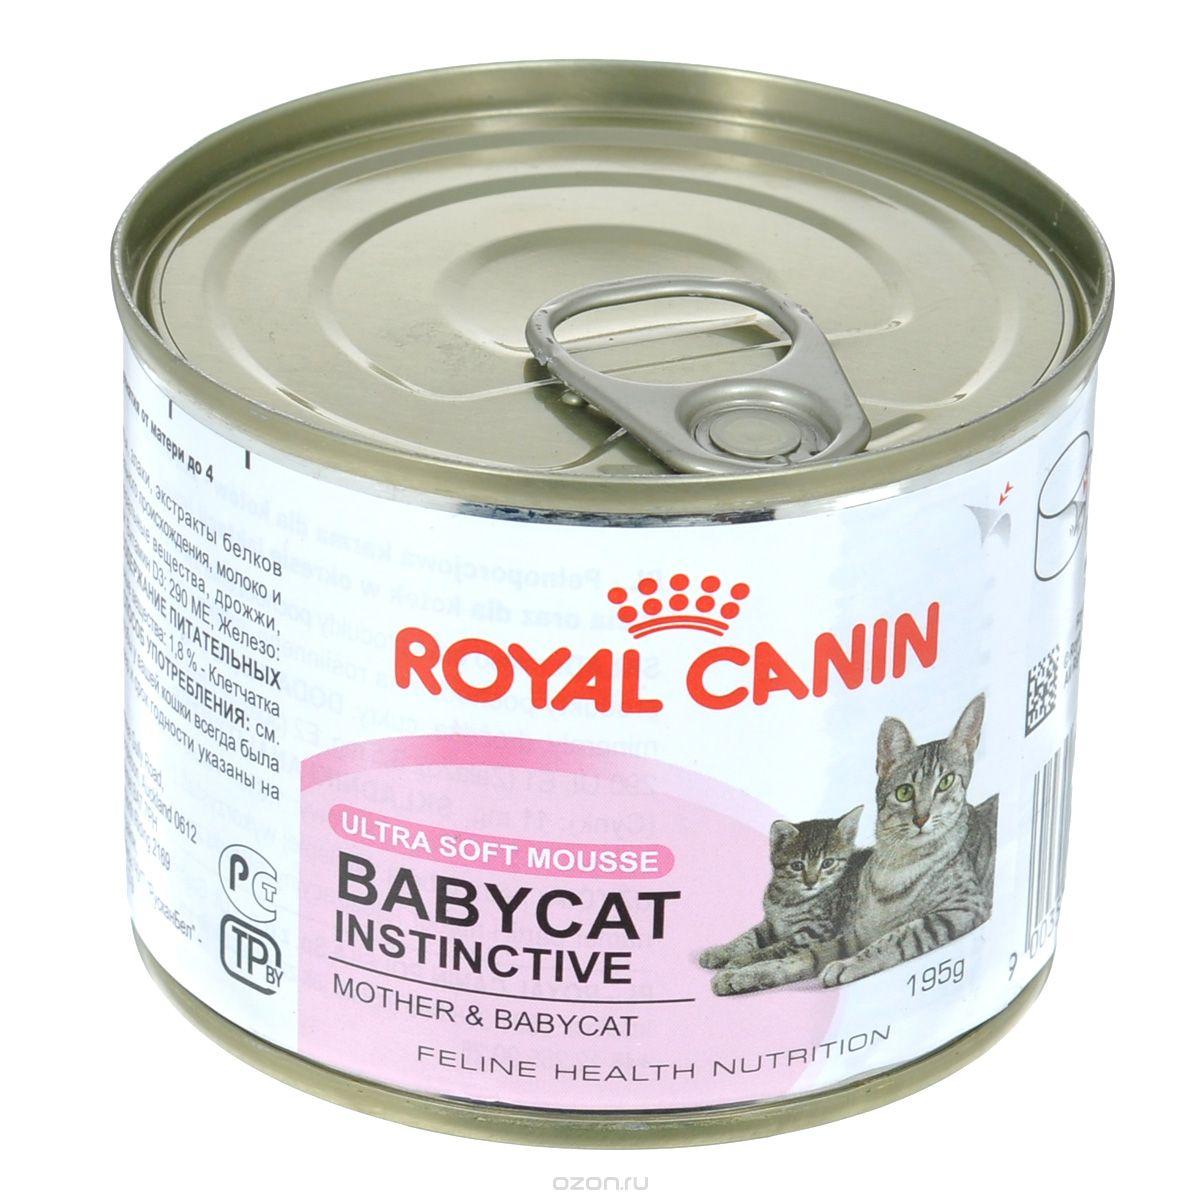 Продажа продуктов питания для собак и кошек - Брит